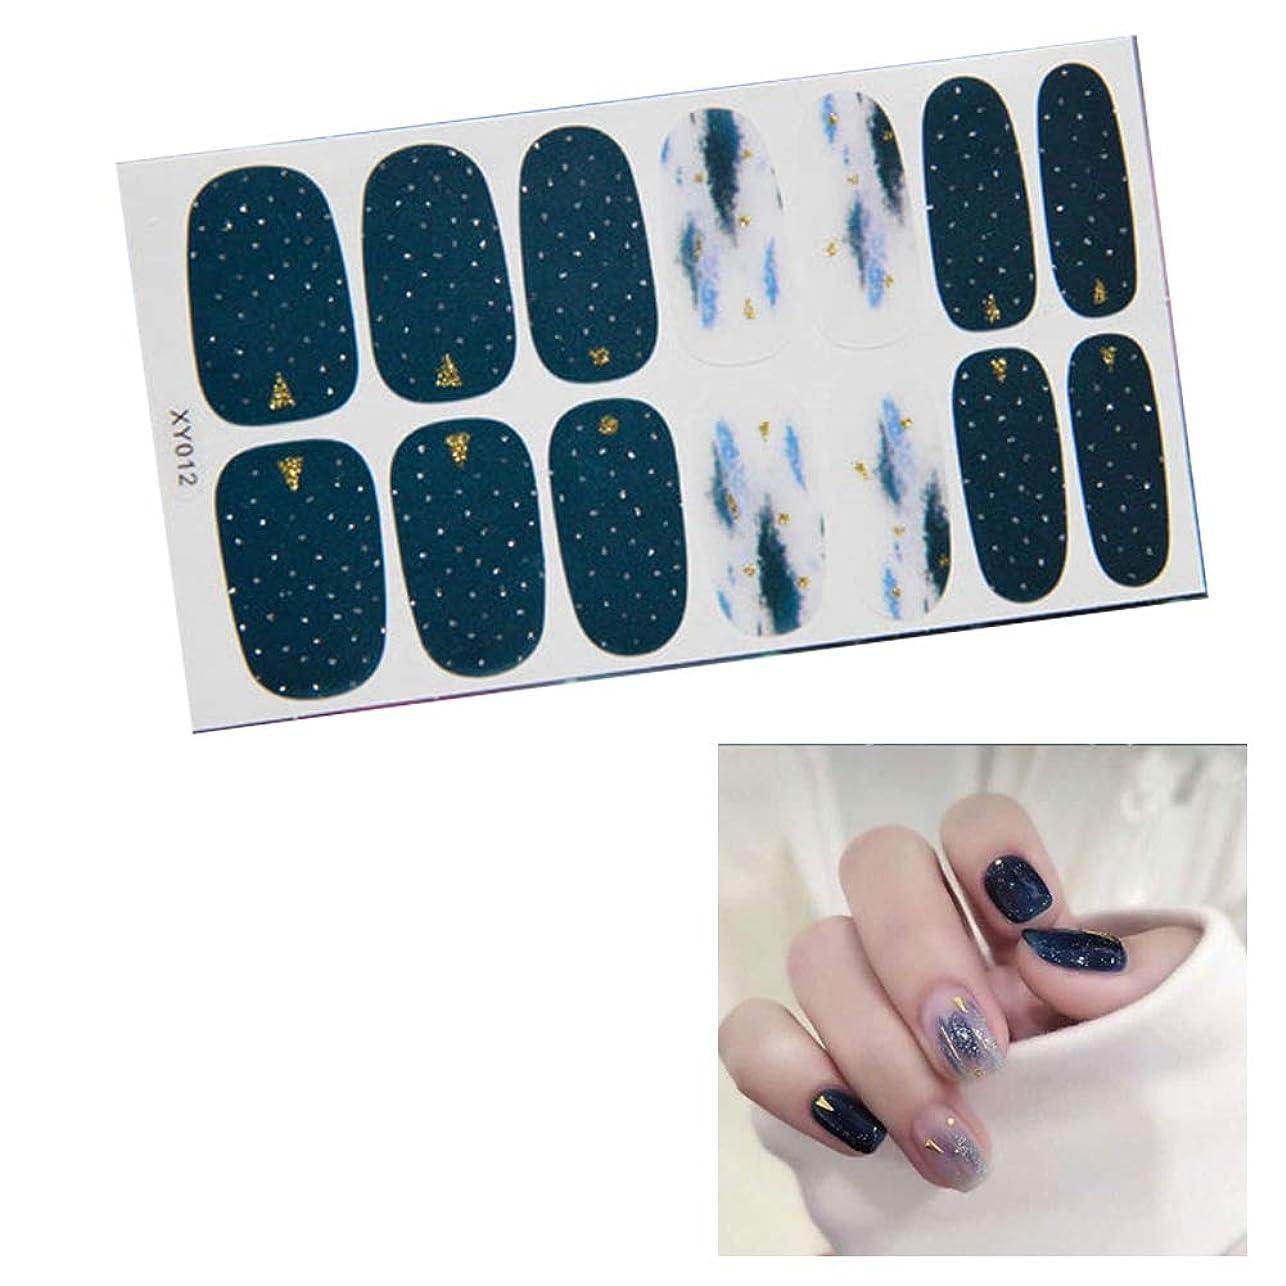 消すベルベット劣る14ピース ネイルシール 貼るだけマニキュア ネイルアート ネイルラップ ネイルアクセサリー女性 爪やすり1本付き (XY012)